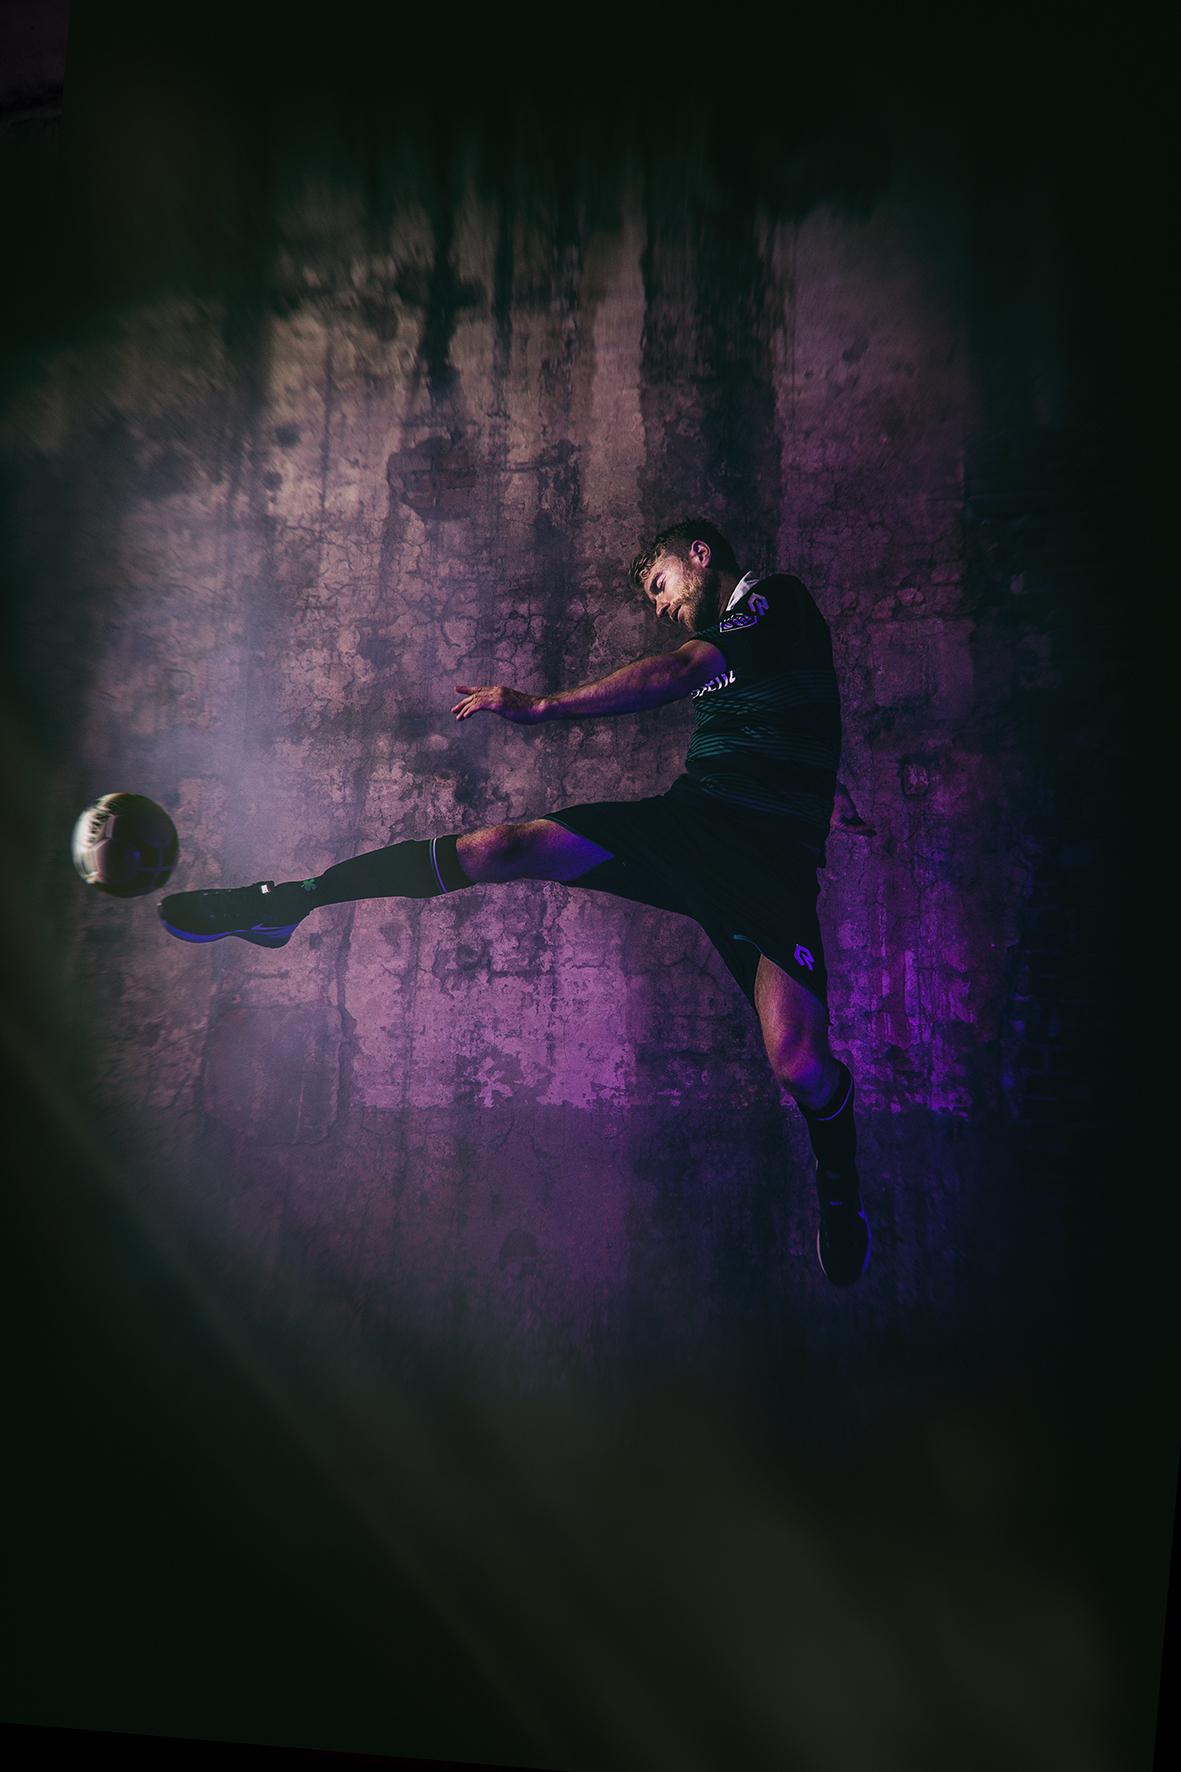 Footballplayer Michael de Leeuw